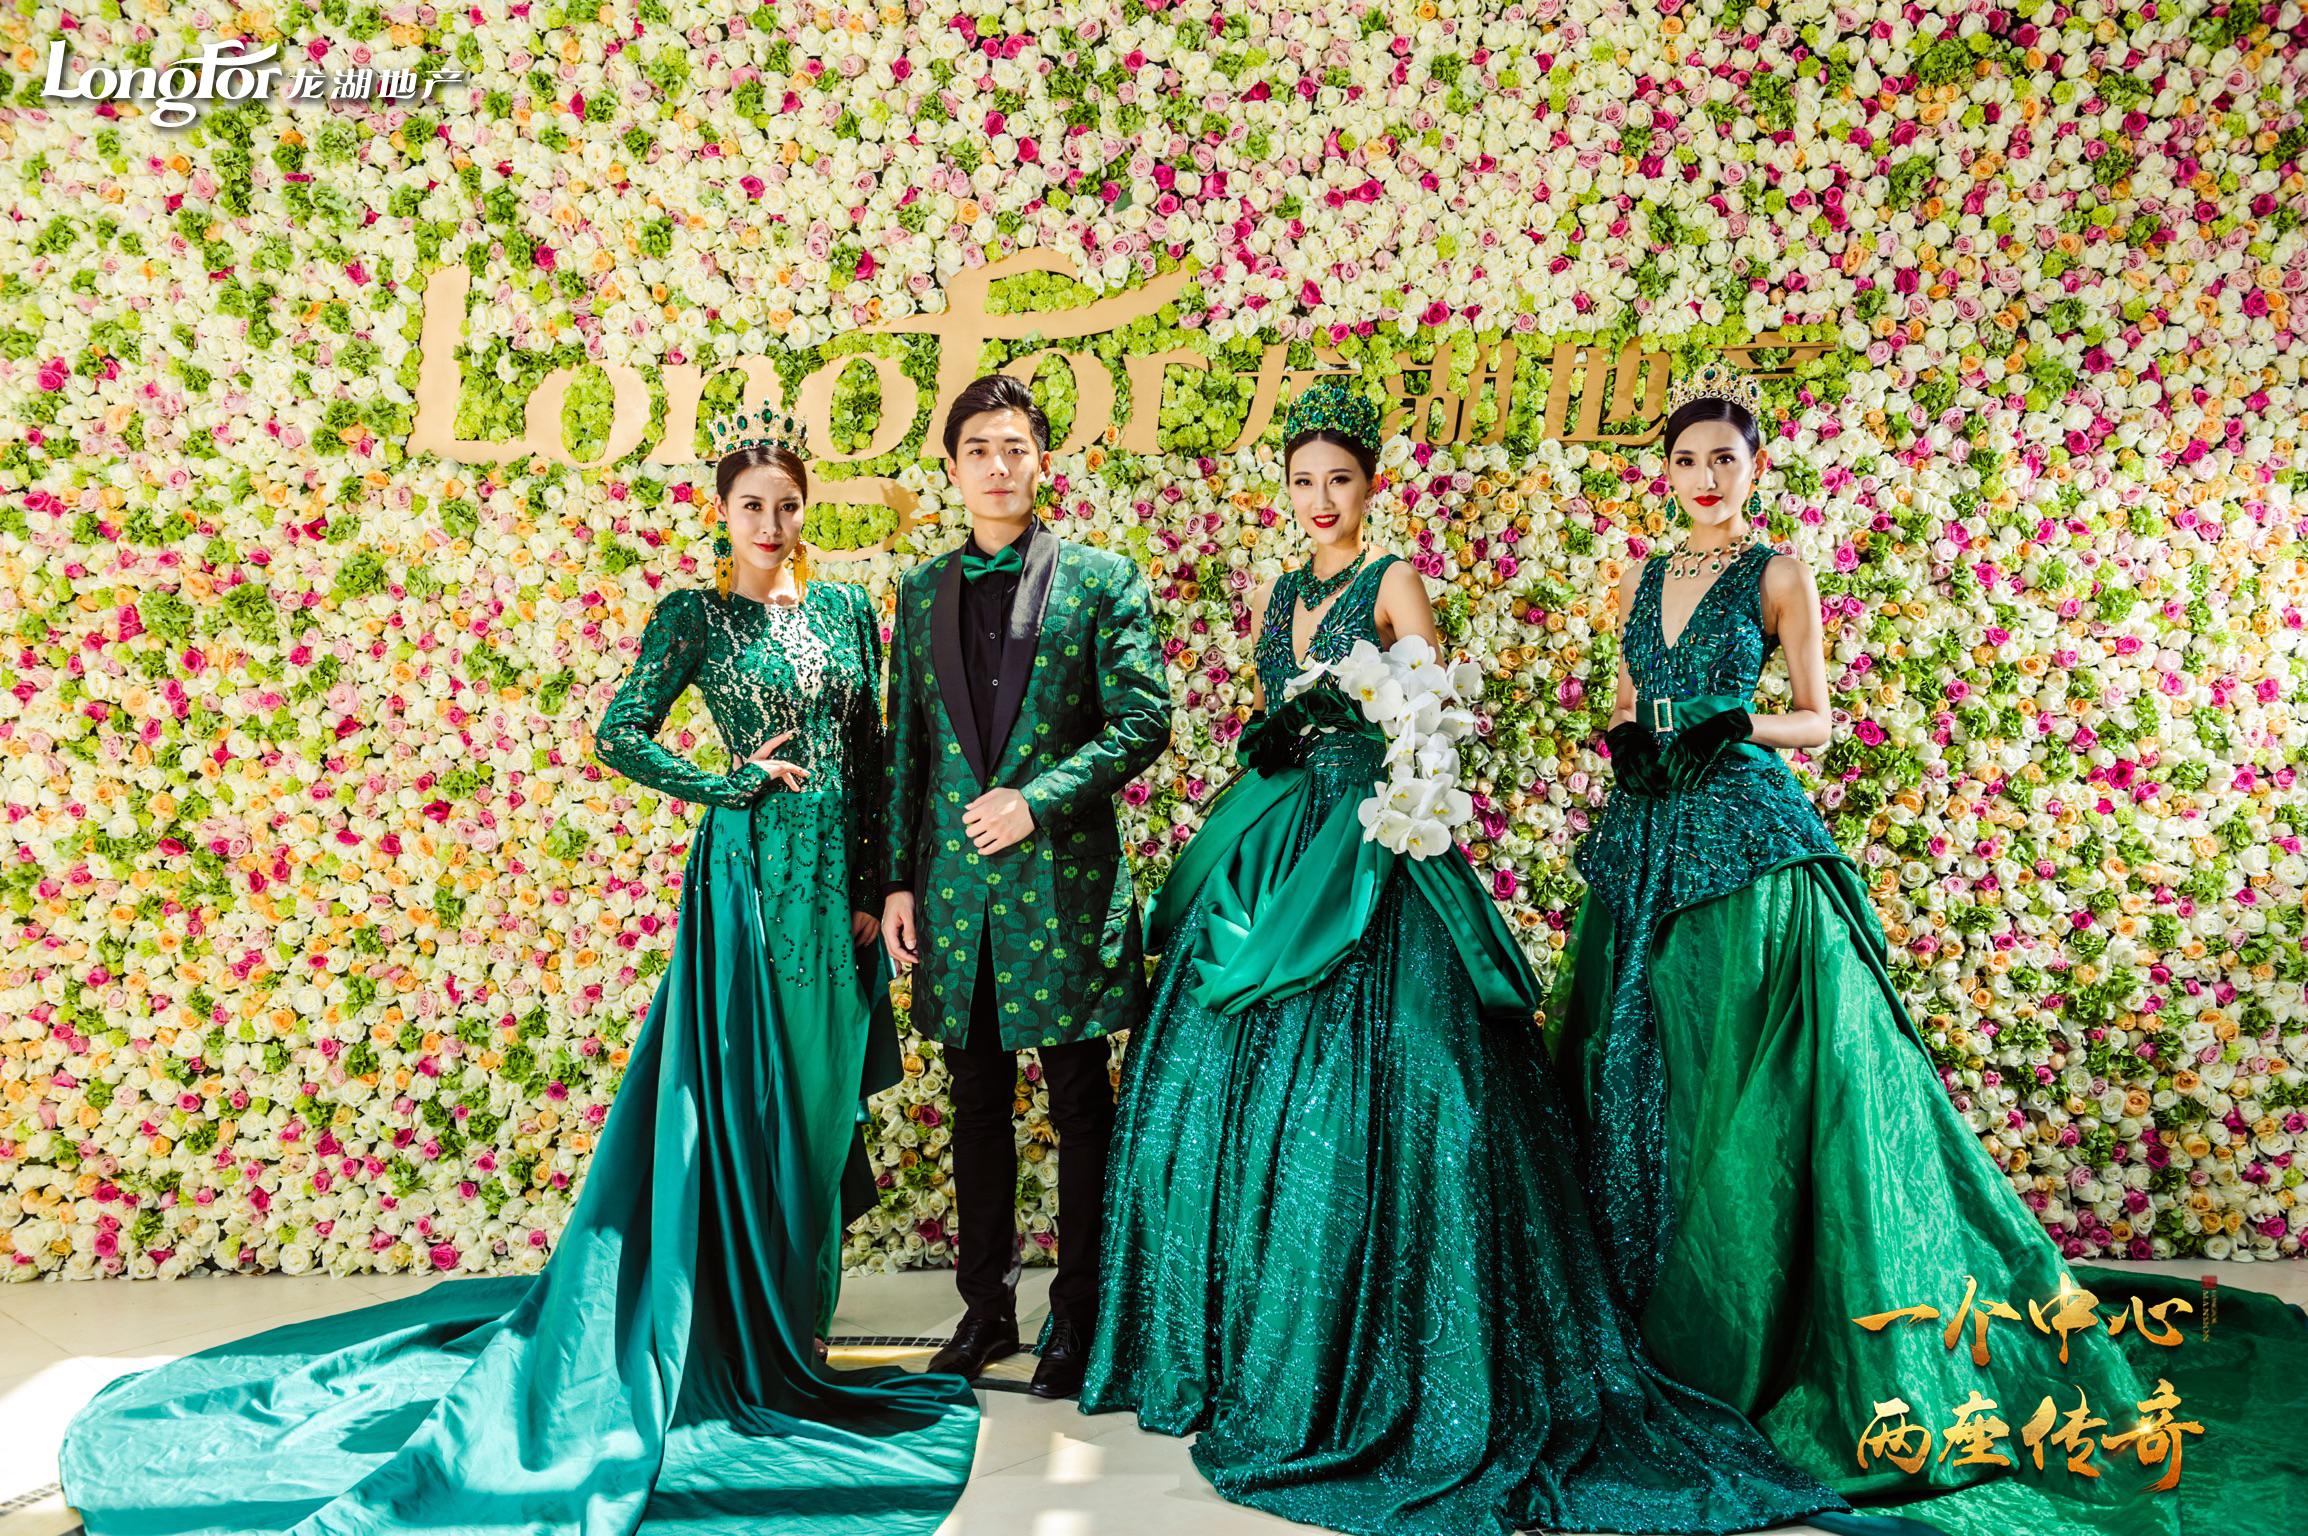 上海龙湖2017案名揭晓,徐汇南崛起新都心